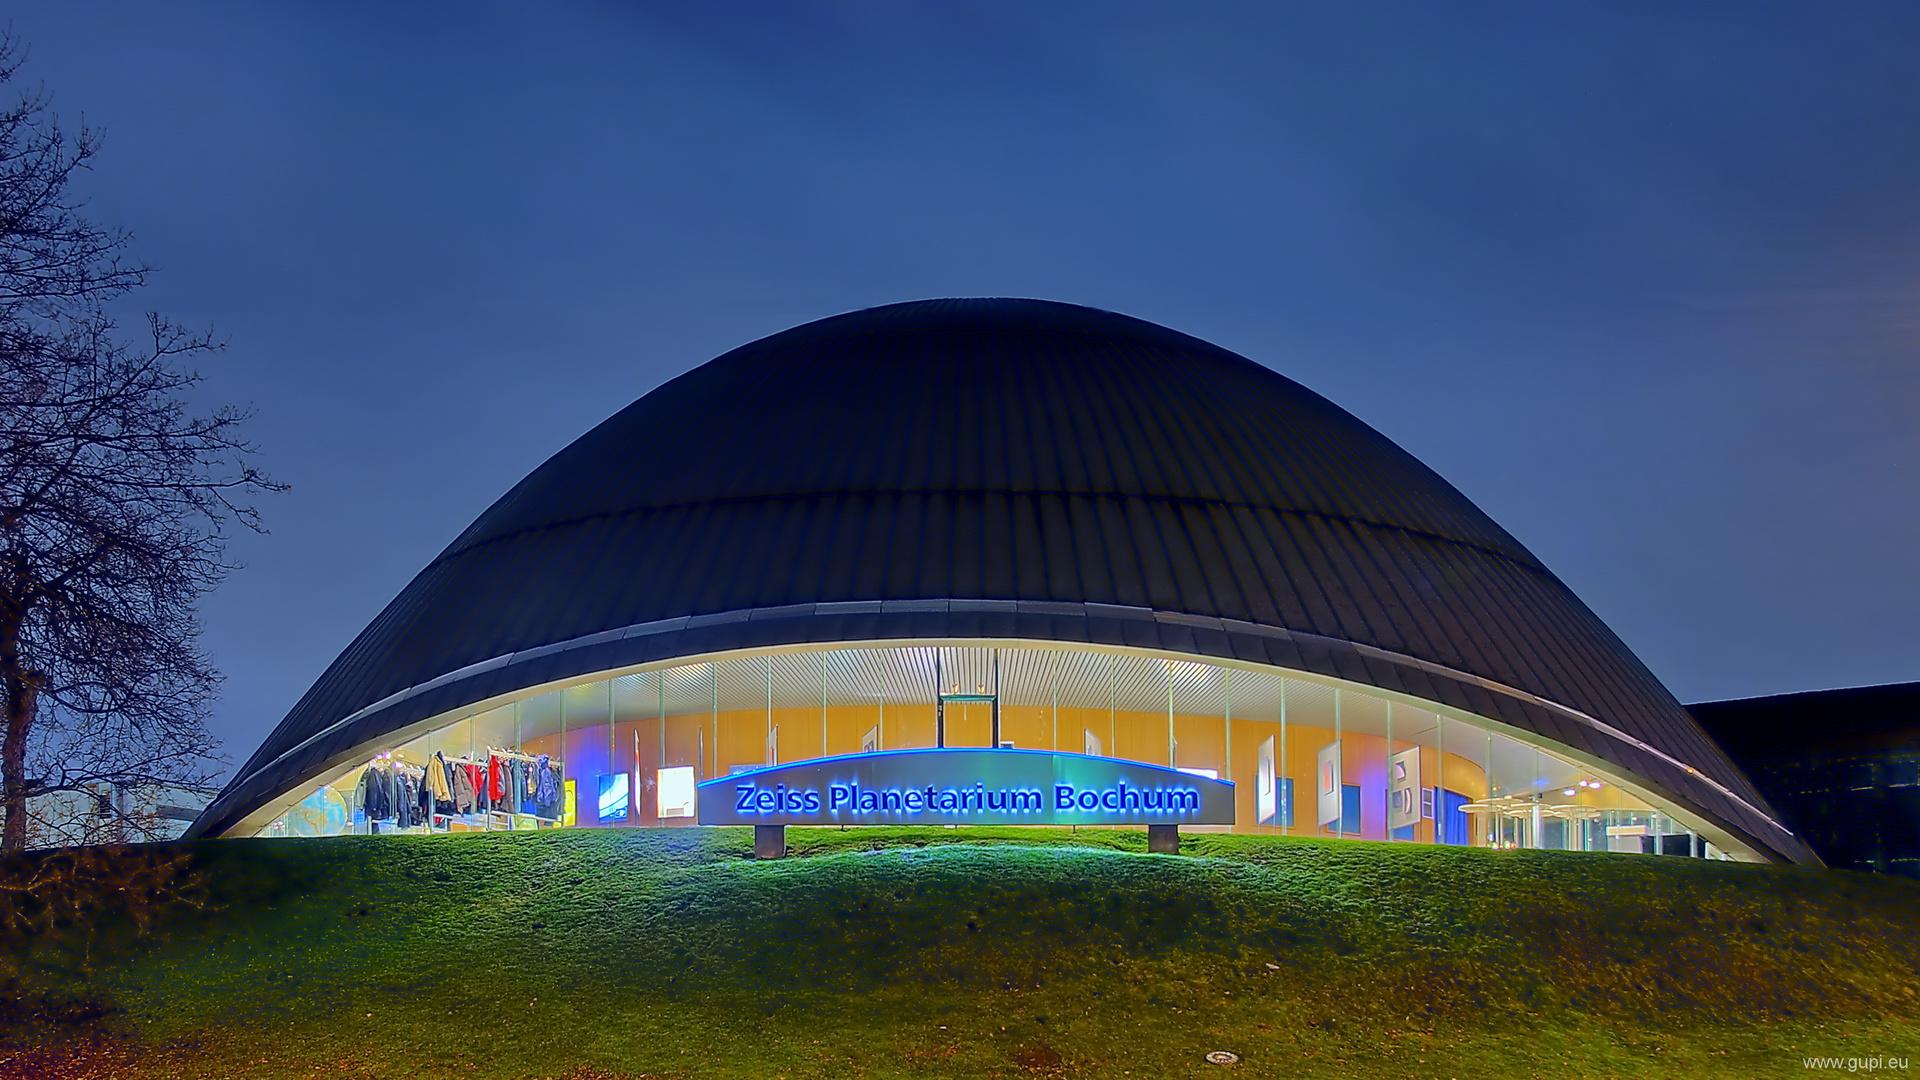 Zeiss Planetarium Bochum Foto & Bild | deutschland, europe